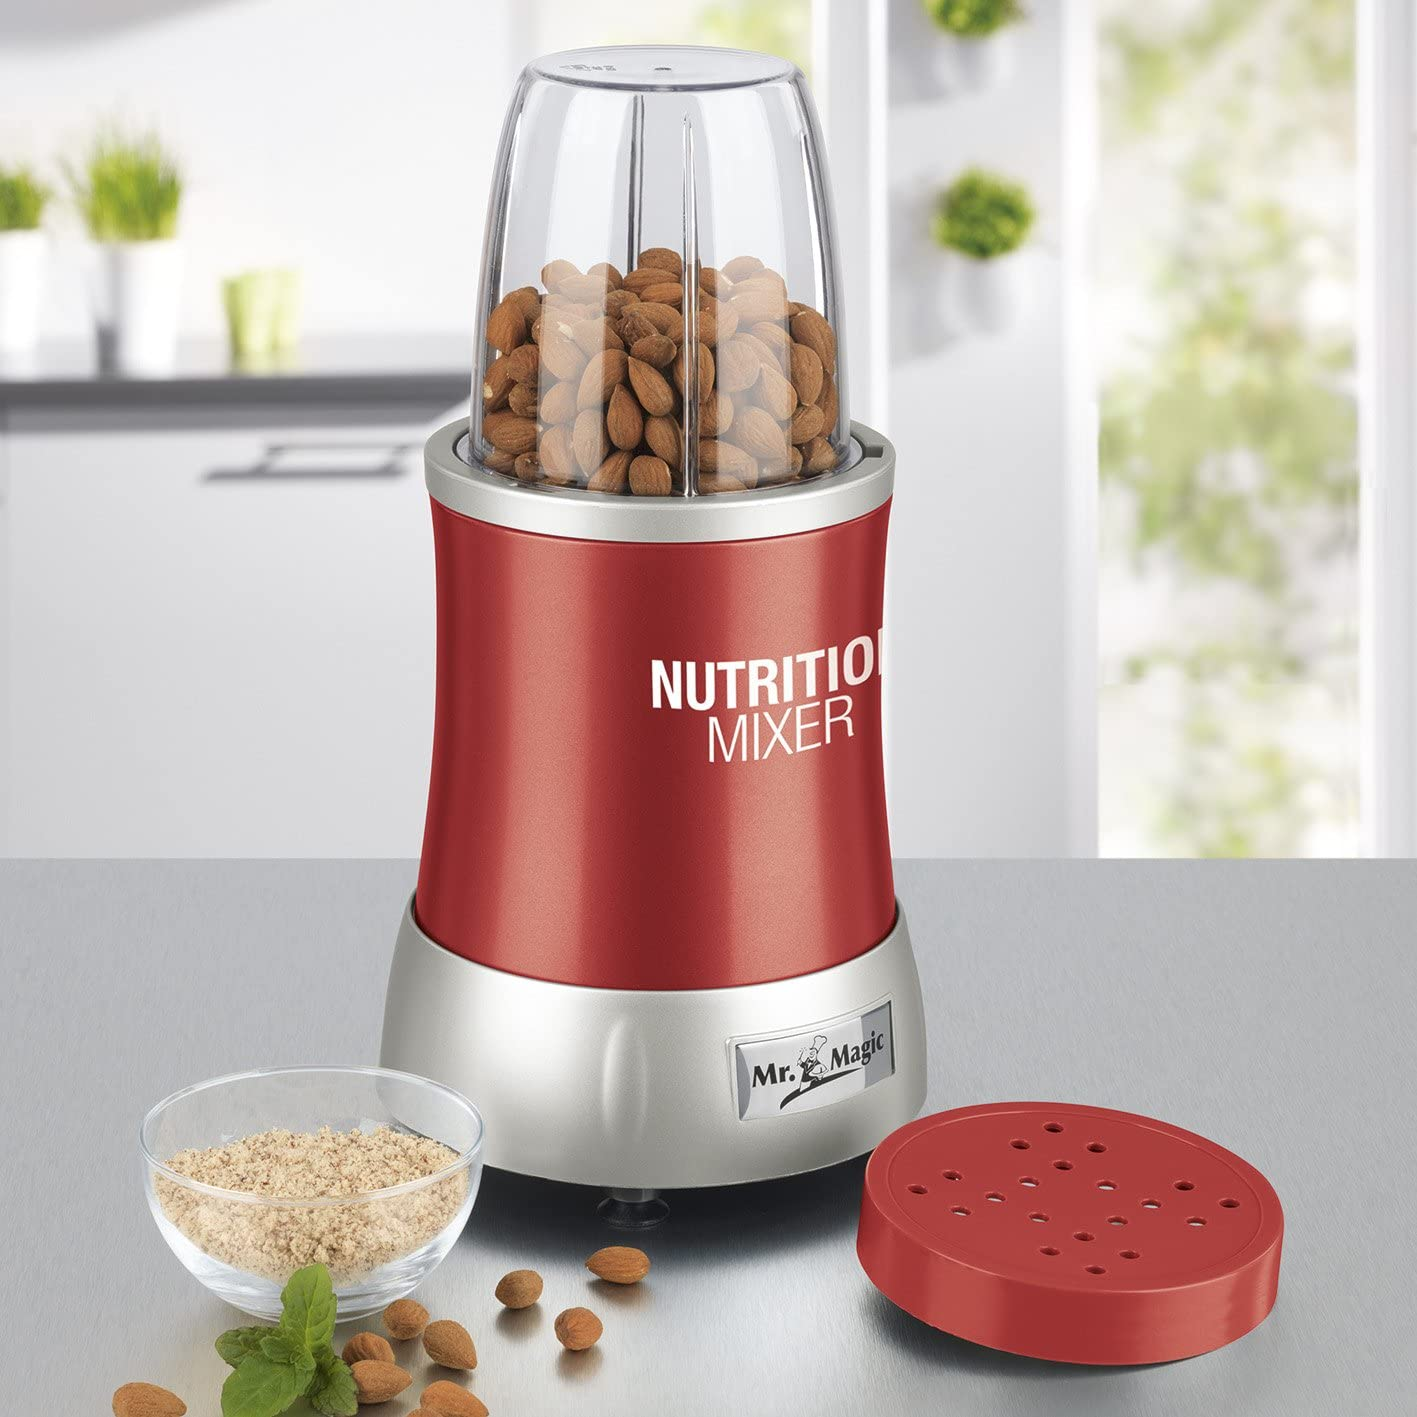 7 Funktionen Ideal f/ür Smoothies /& Cocktails GOURMETmaxx 04505 Nutrition Mixer Silber Rezeptheft /& To-Go Becher 700 Watt inkl